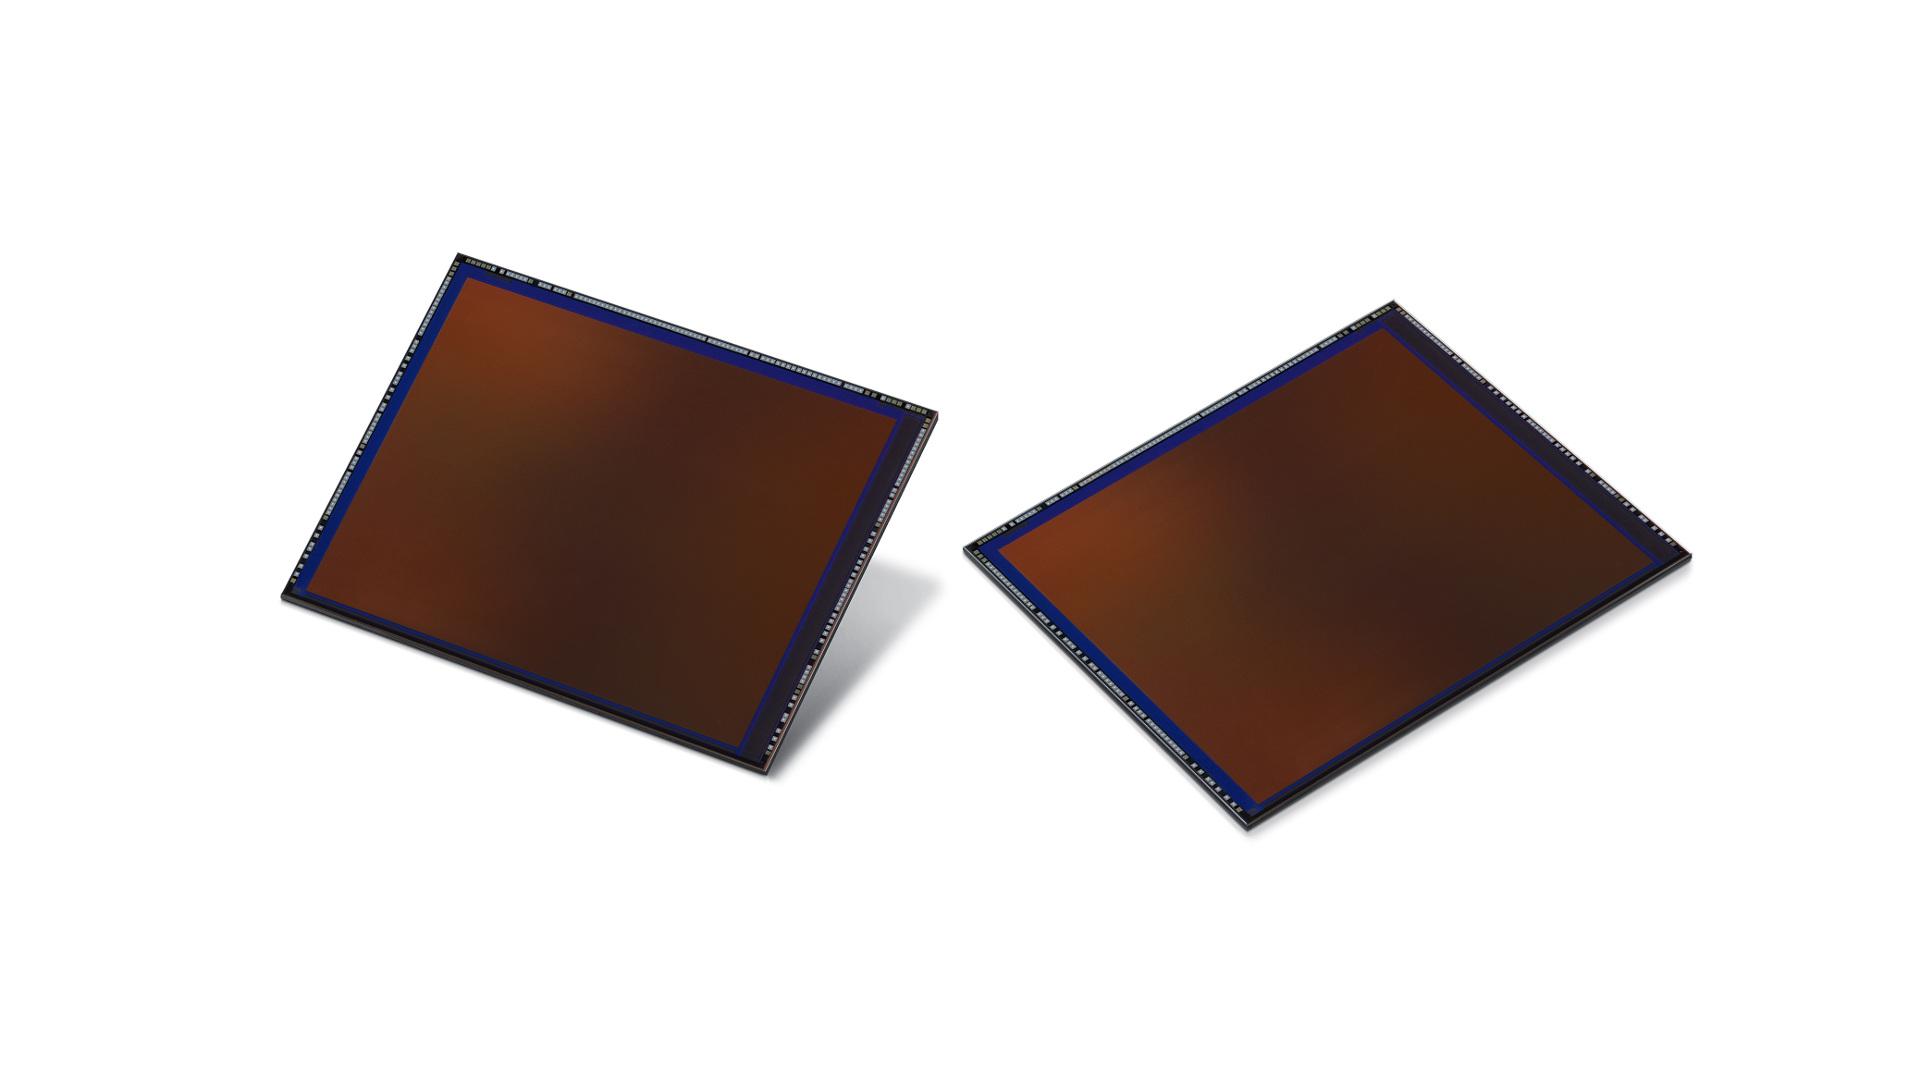 Samsung công bố cảm biến camera 108MP, Xiaomi Mi Mix 4 sẽ là thiết bị đầu tiên sử dụng